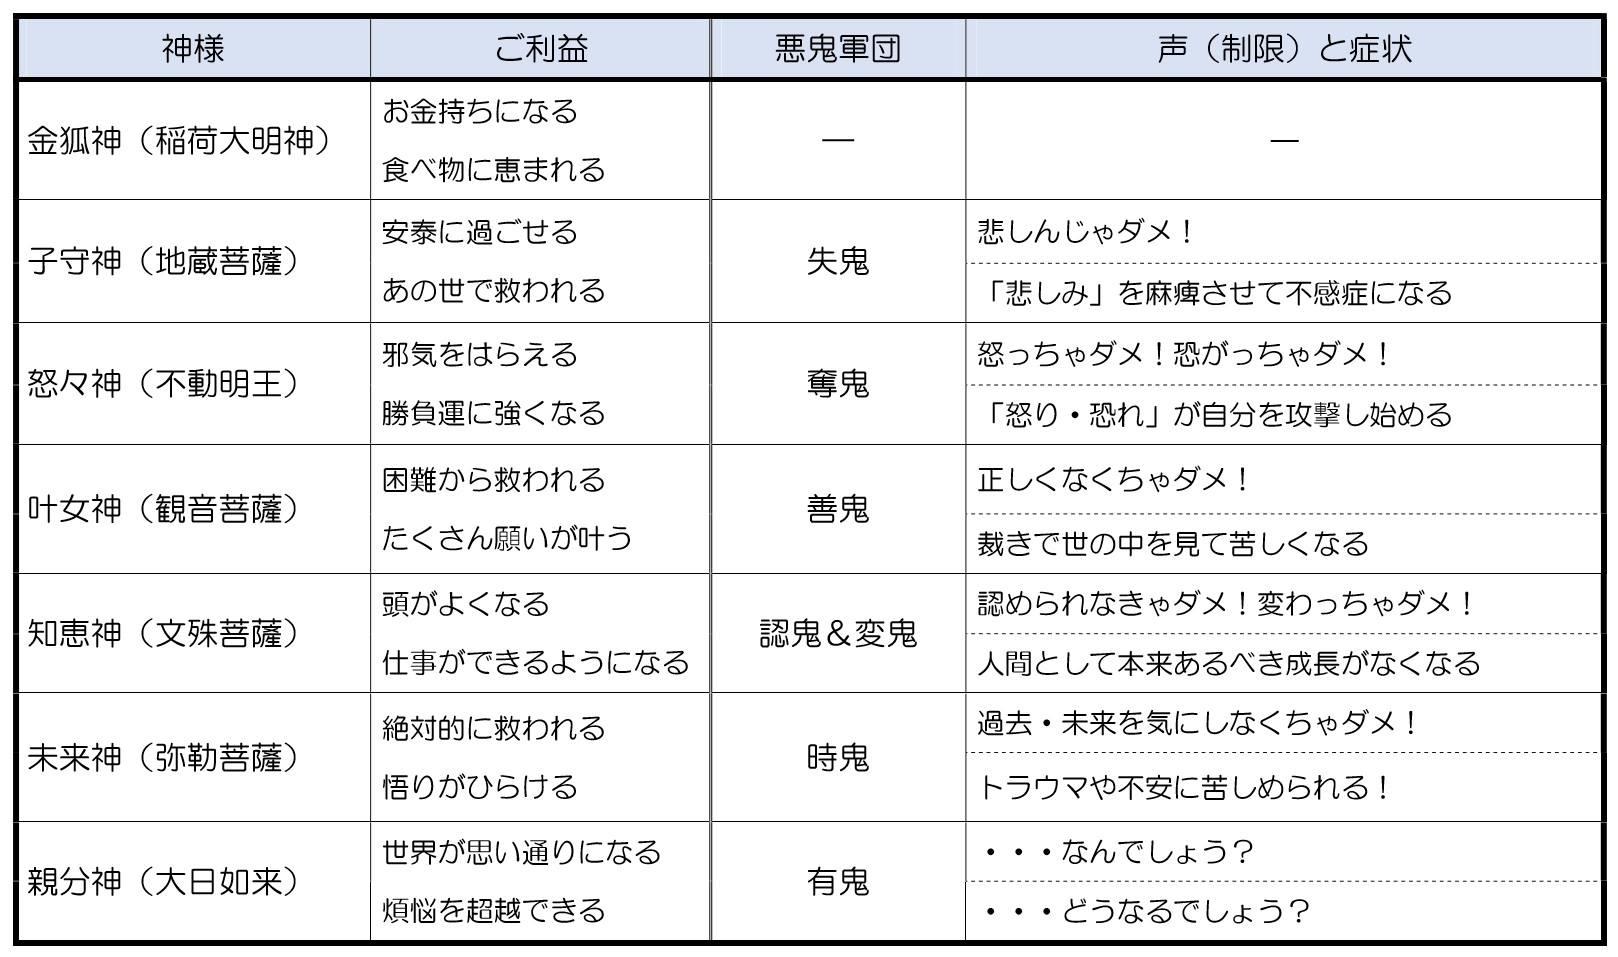 ■1月18日(土)/東京/超意識を活用して、思い通りの人生を掴む7つの方法_b0002156_1954353.jpg